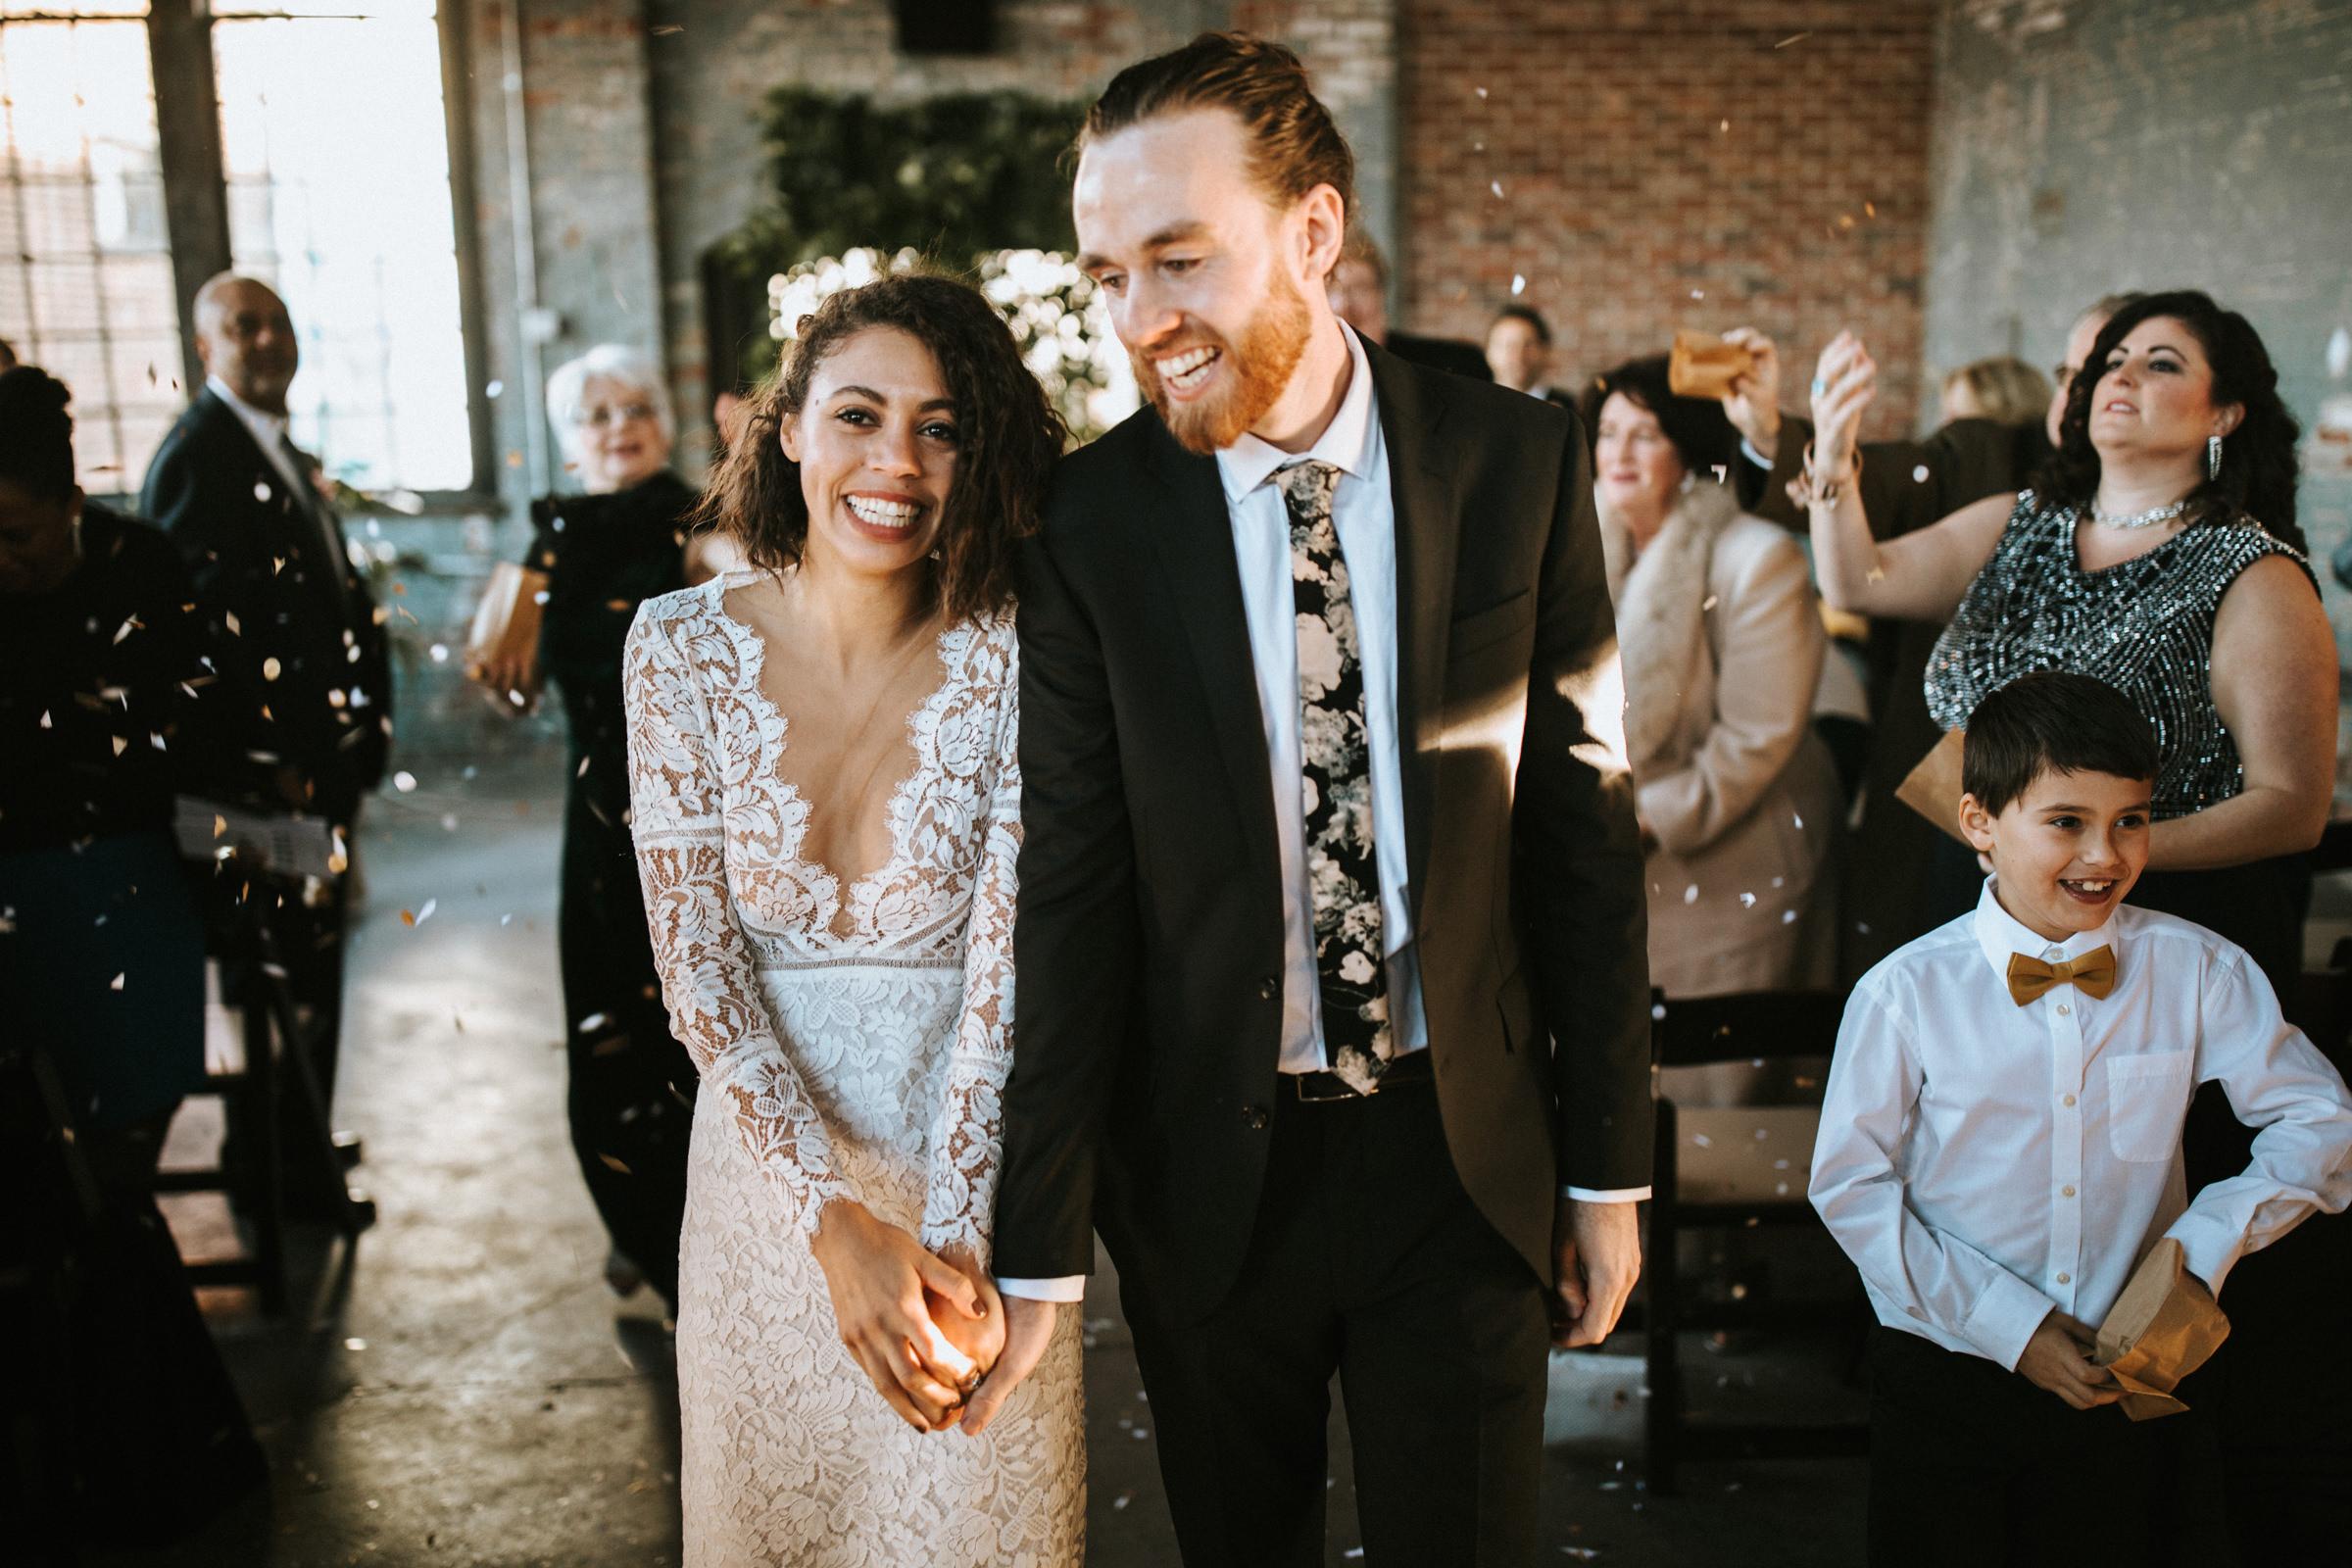 Hochzeit in New York - strahlendes Brautpaar